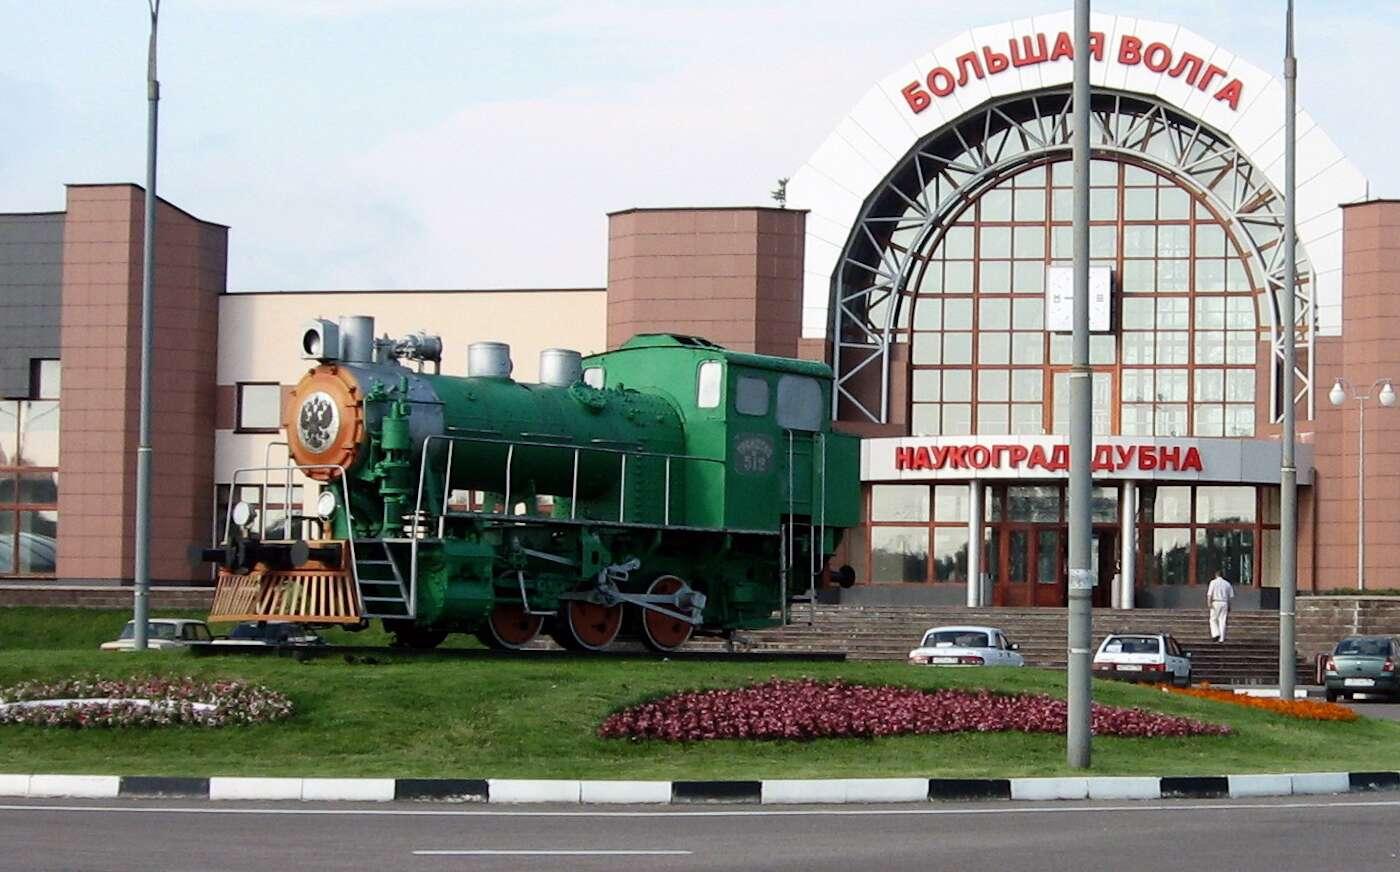 Le dubnium a été baptisé en l'honneur de la ville russe dans laquelle il est supposé avoir été découvert. Ici, une photo de la gare de Dubna. © Wonder37, Wikipédia, CC by-sa 3.0